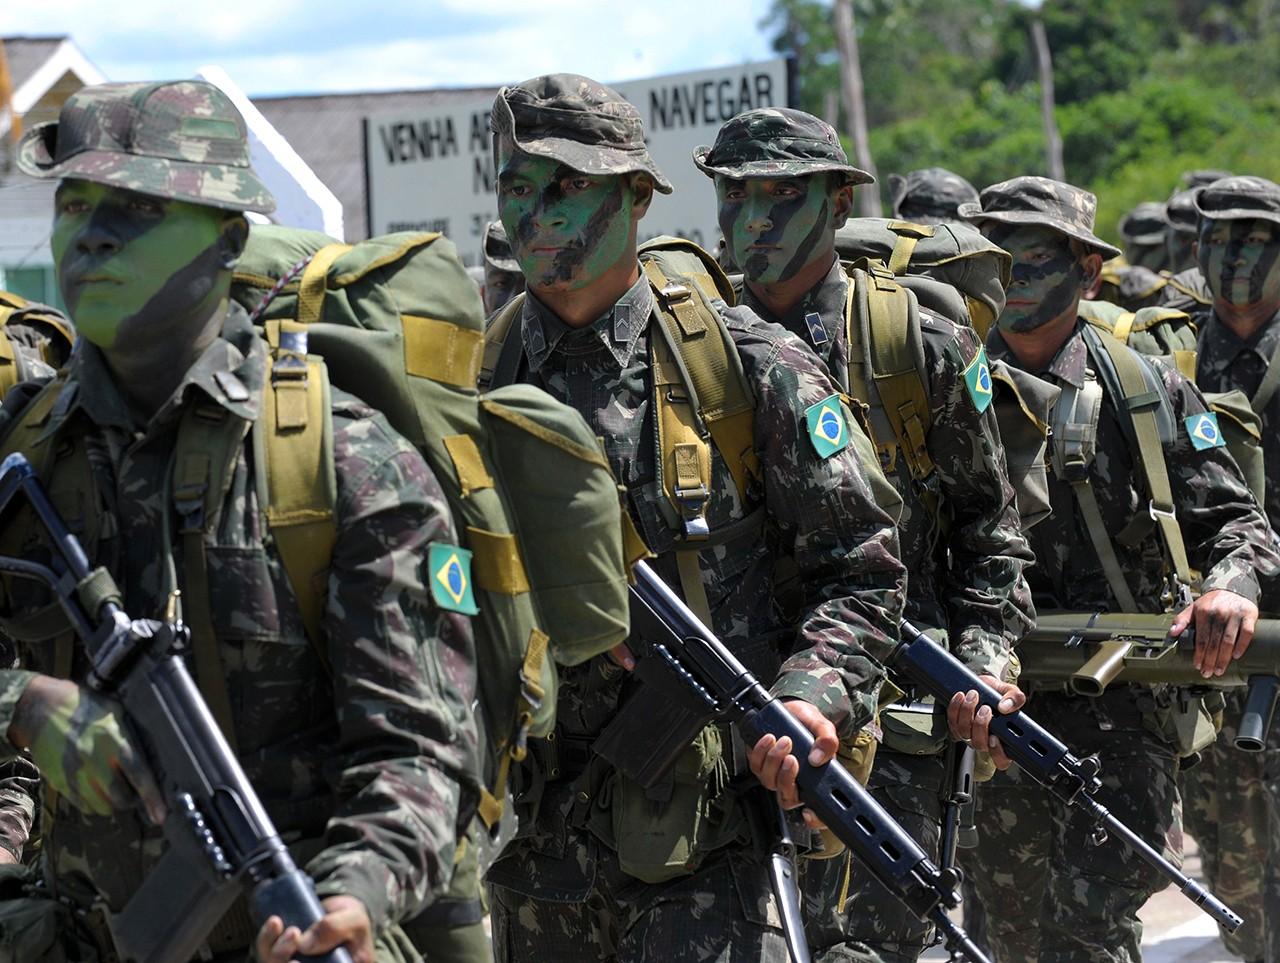 Pelotão de Fronteira do Exército Brasileiro